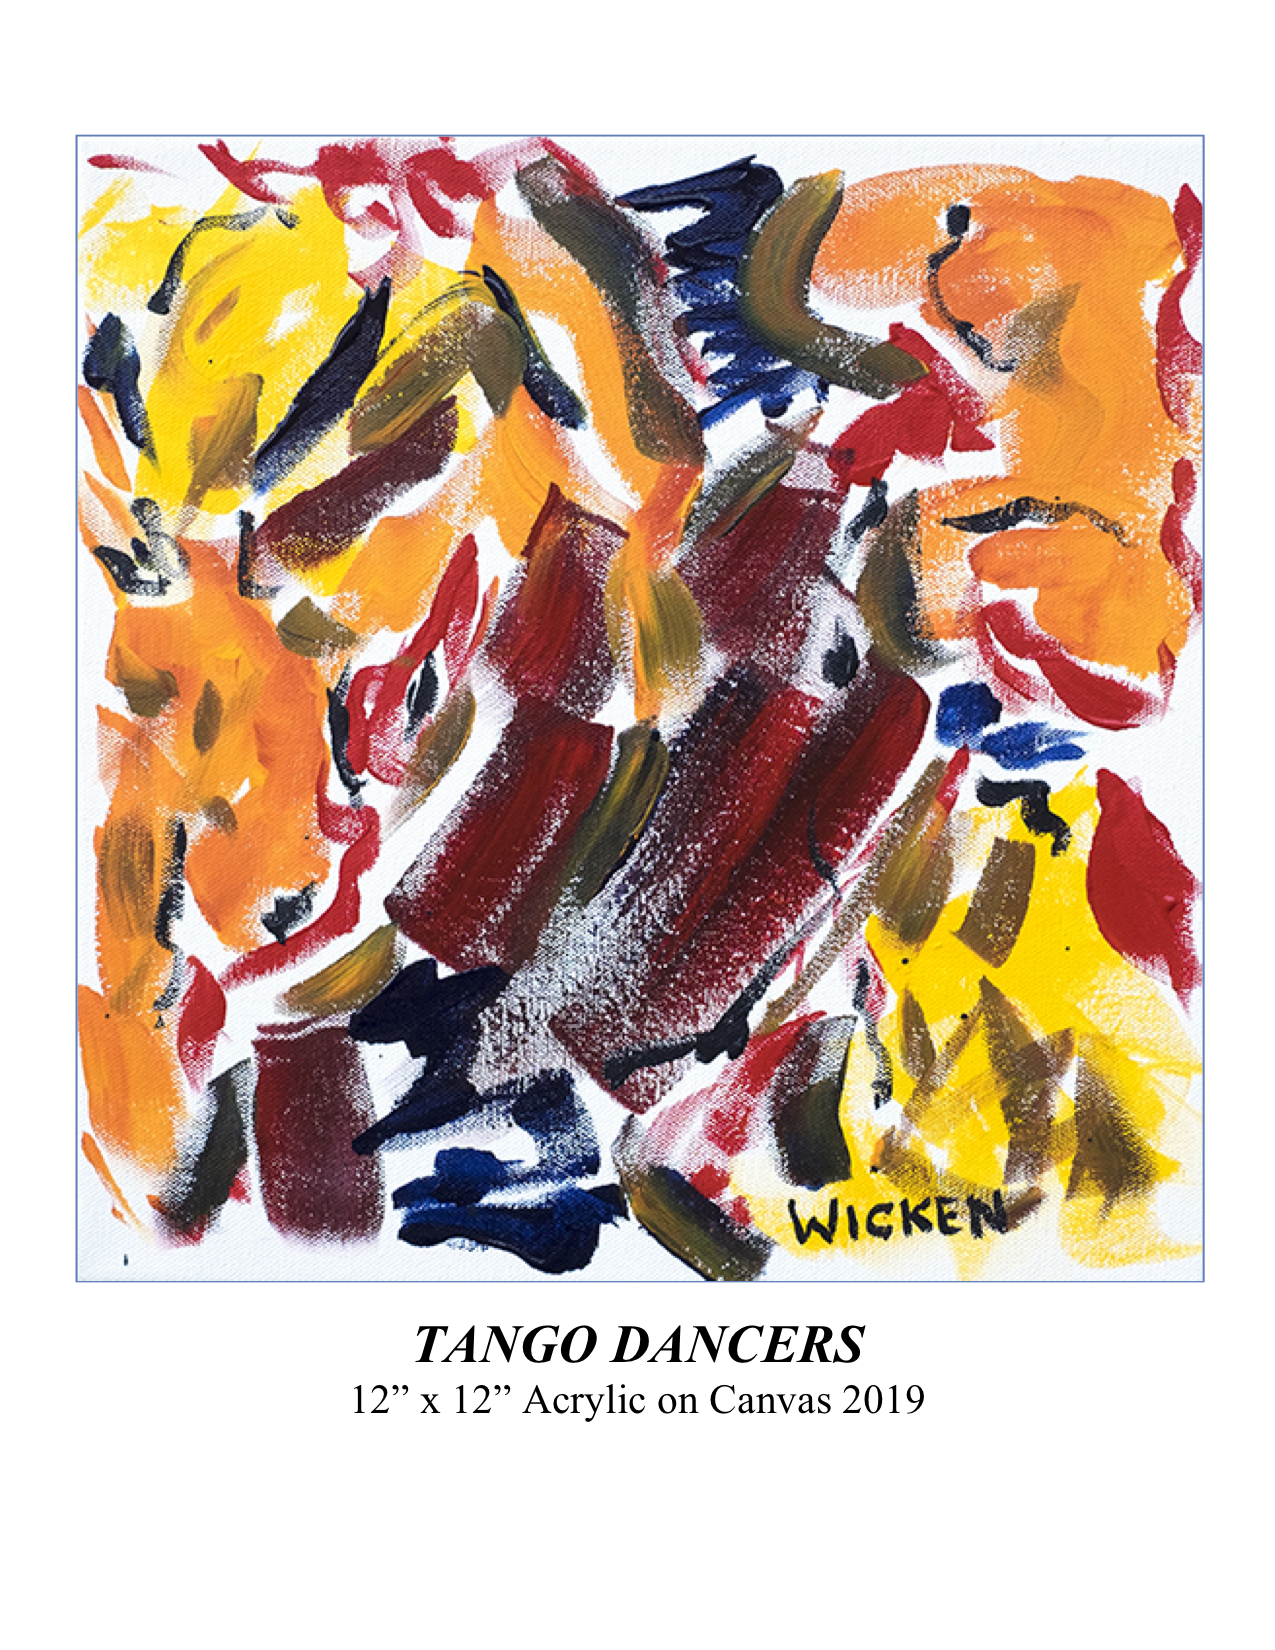 TANGO DANCERS 0005.jpg